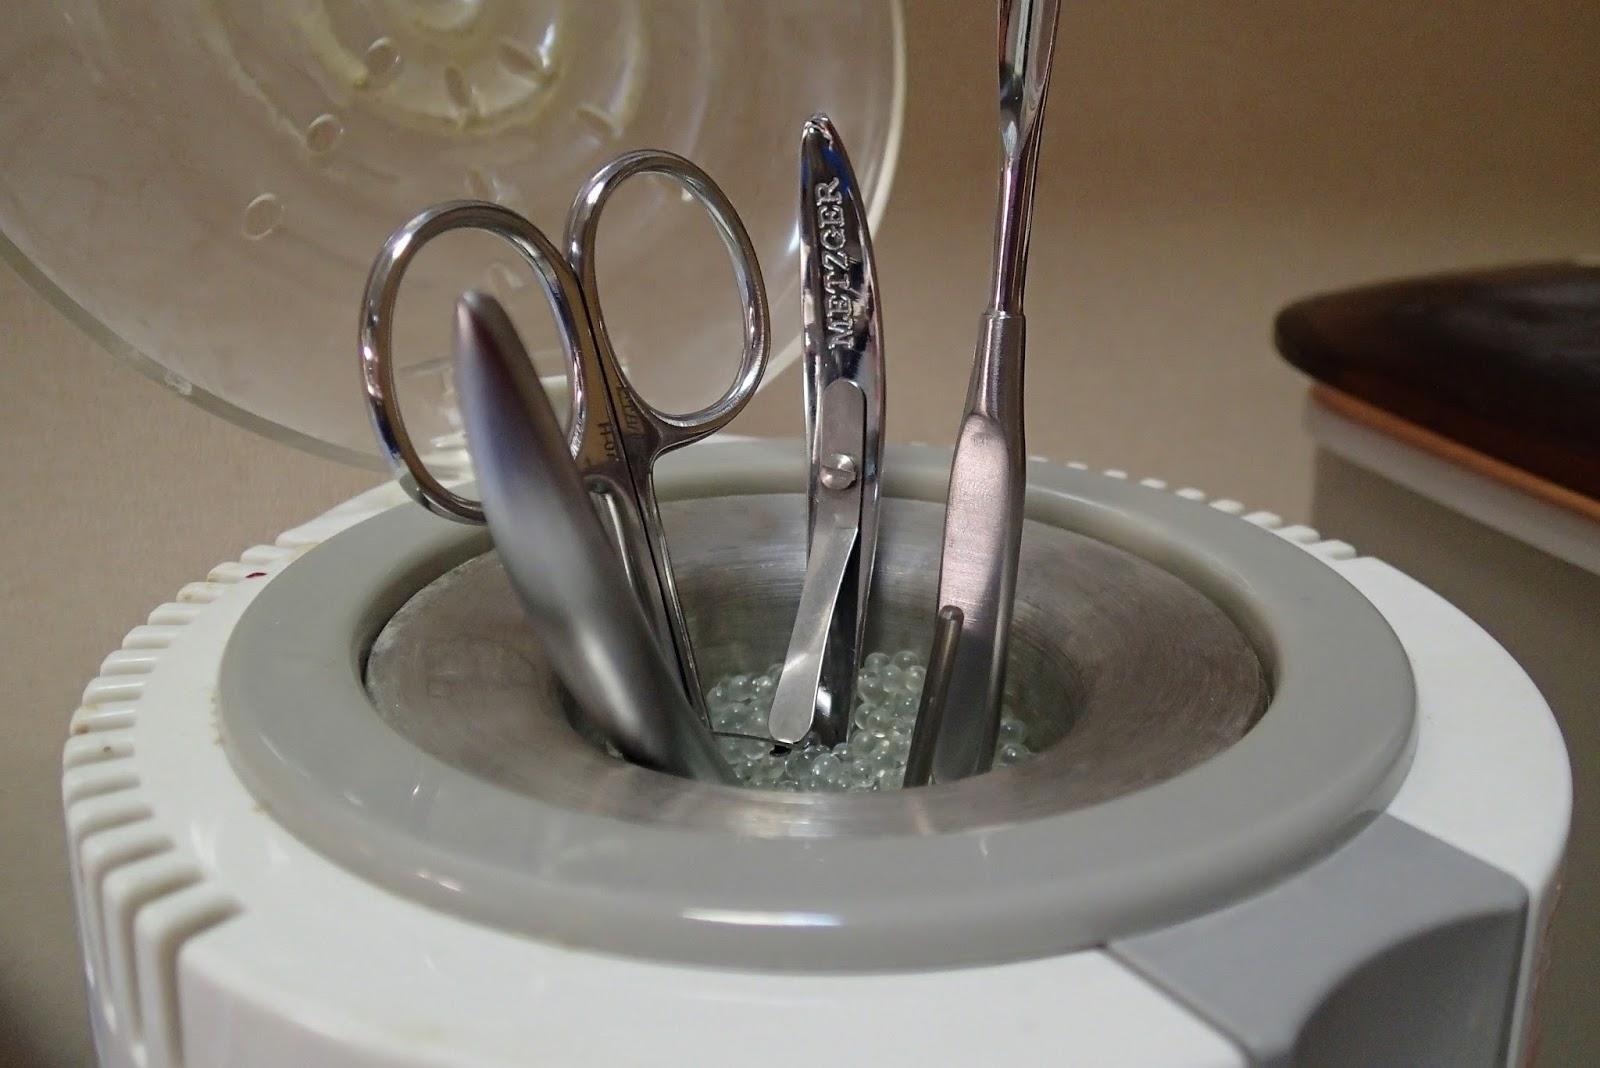 фото инструментов для маникюра, подготовленных для обработке в медицинском автоклаве.